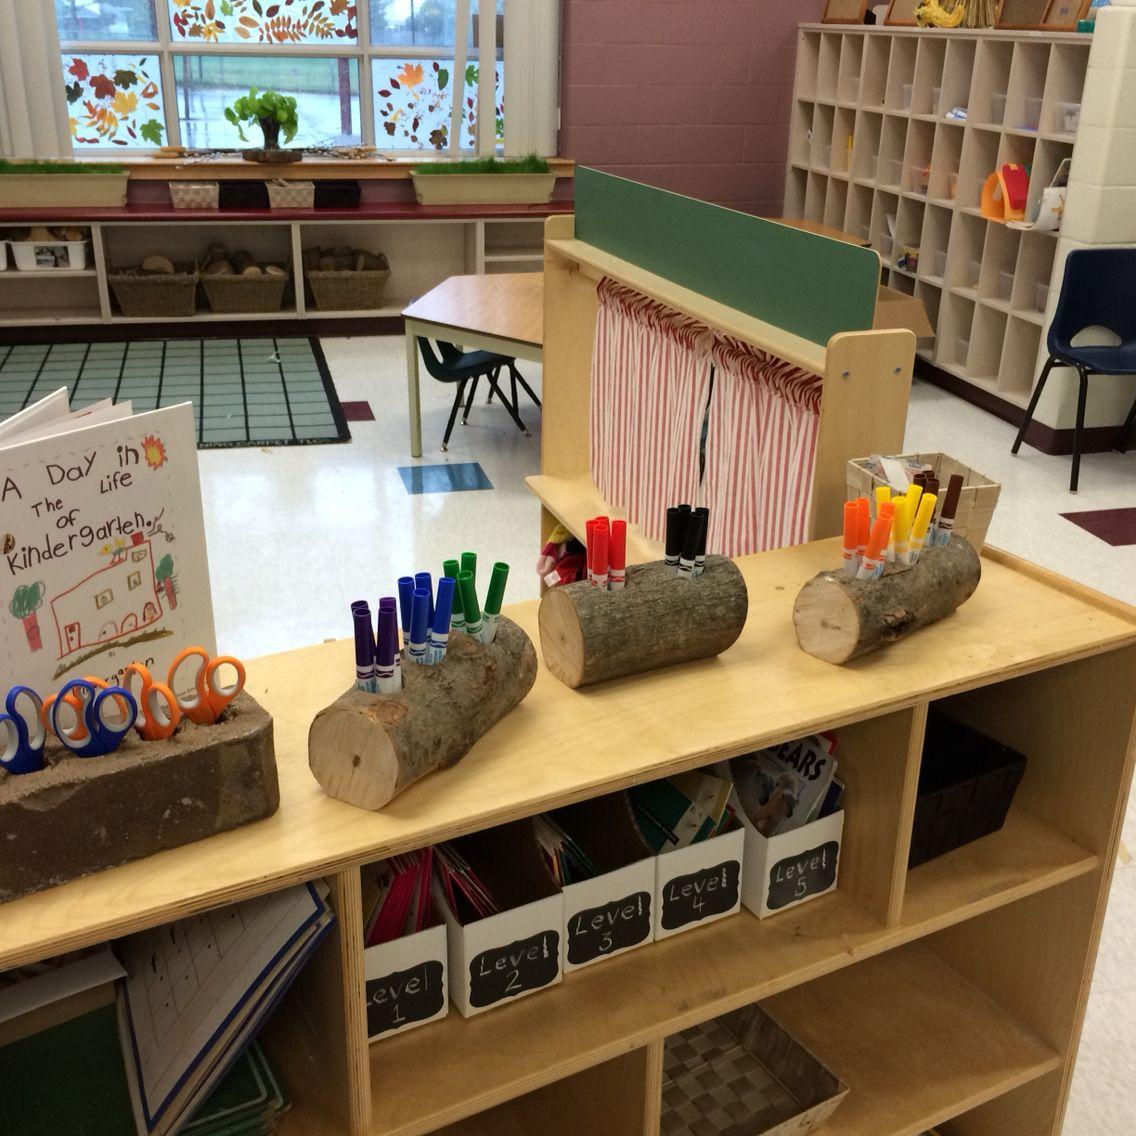 reggio reggio reggio art center classroom environment on fantastic repurposed furniture projects ideas in time for father s day id=55600